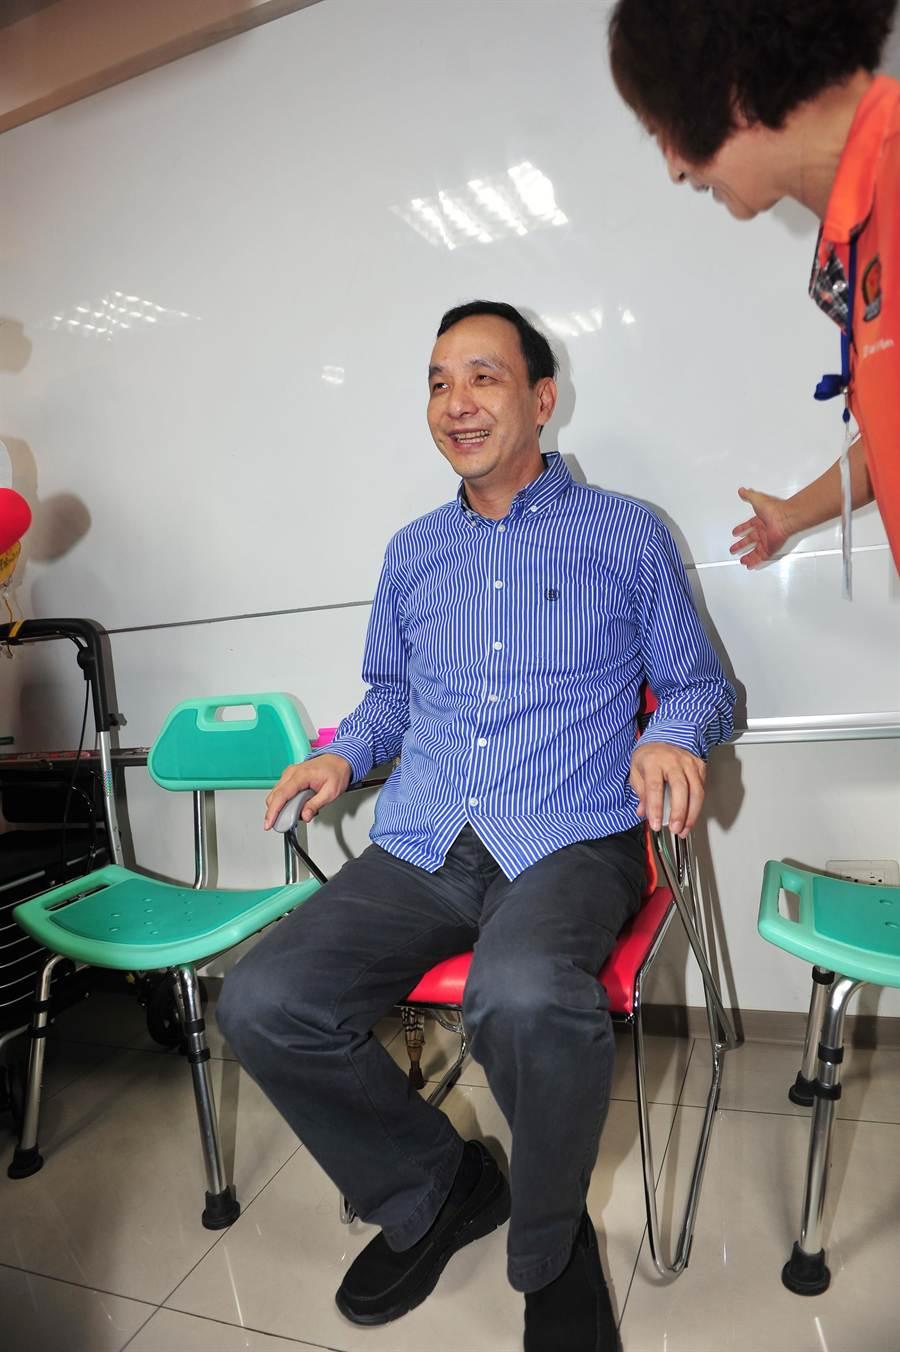 新北市長朱立倫(左)16日出席「新北市社會企業發展中心」開幕茶會,參觀新北市銀髮族協會的攤位及試坐適合老人坐的椅子產品。(劉宗龍攝)